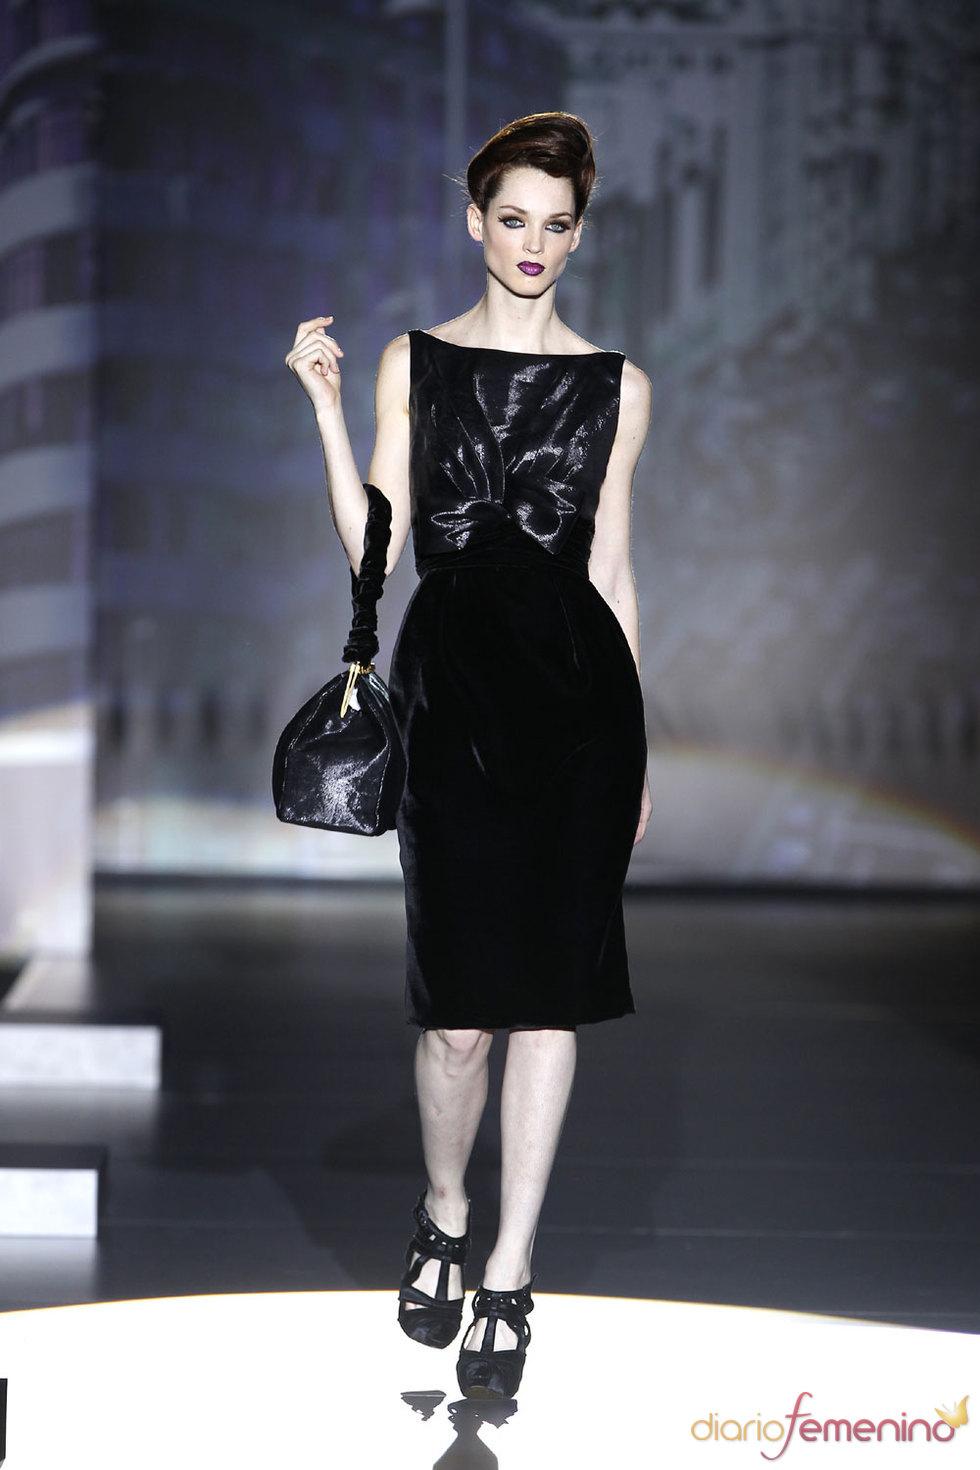 Vestidos de noche en negro absoluto - Hannibal Laguna